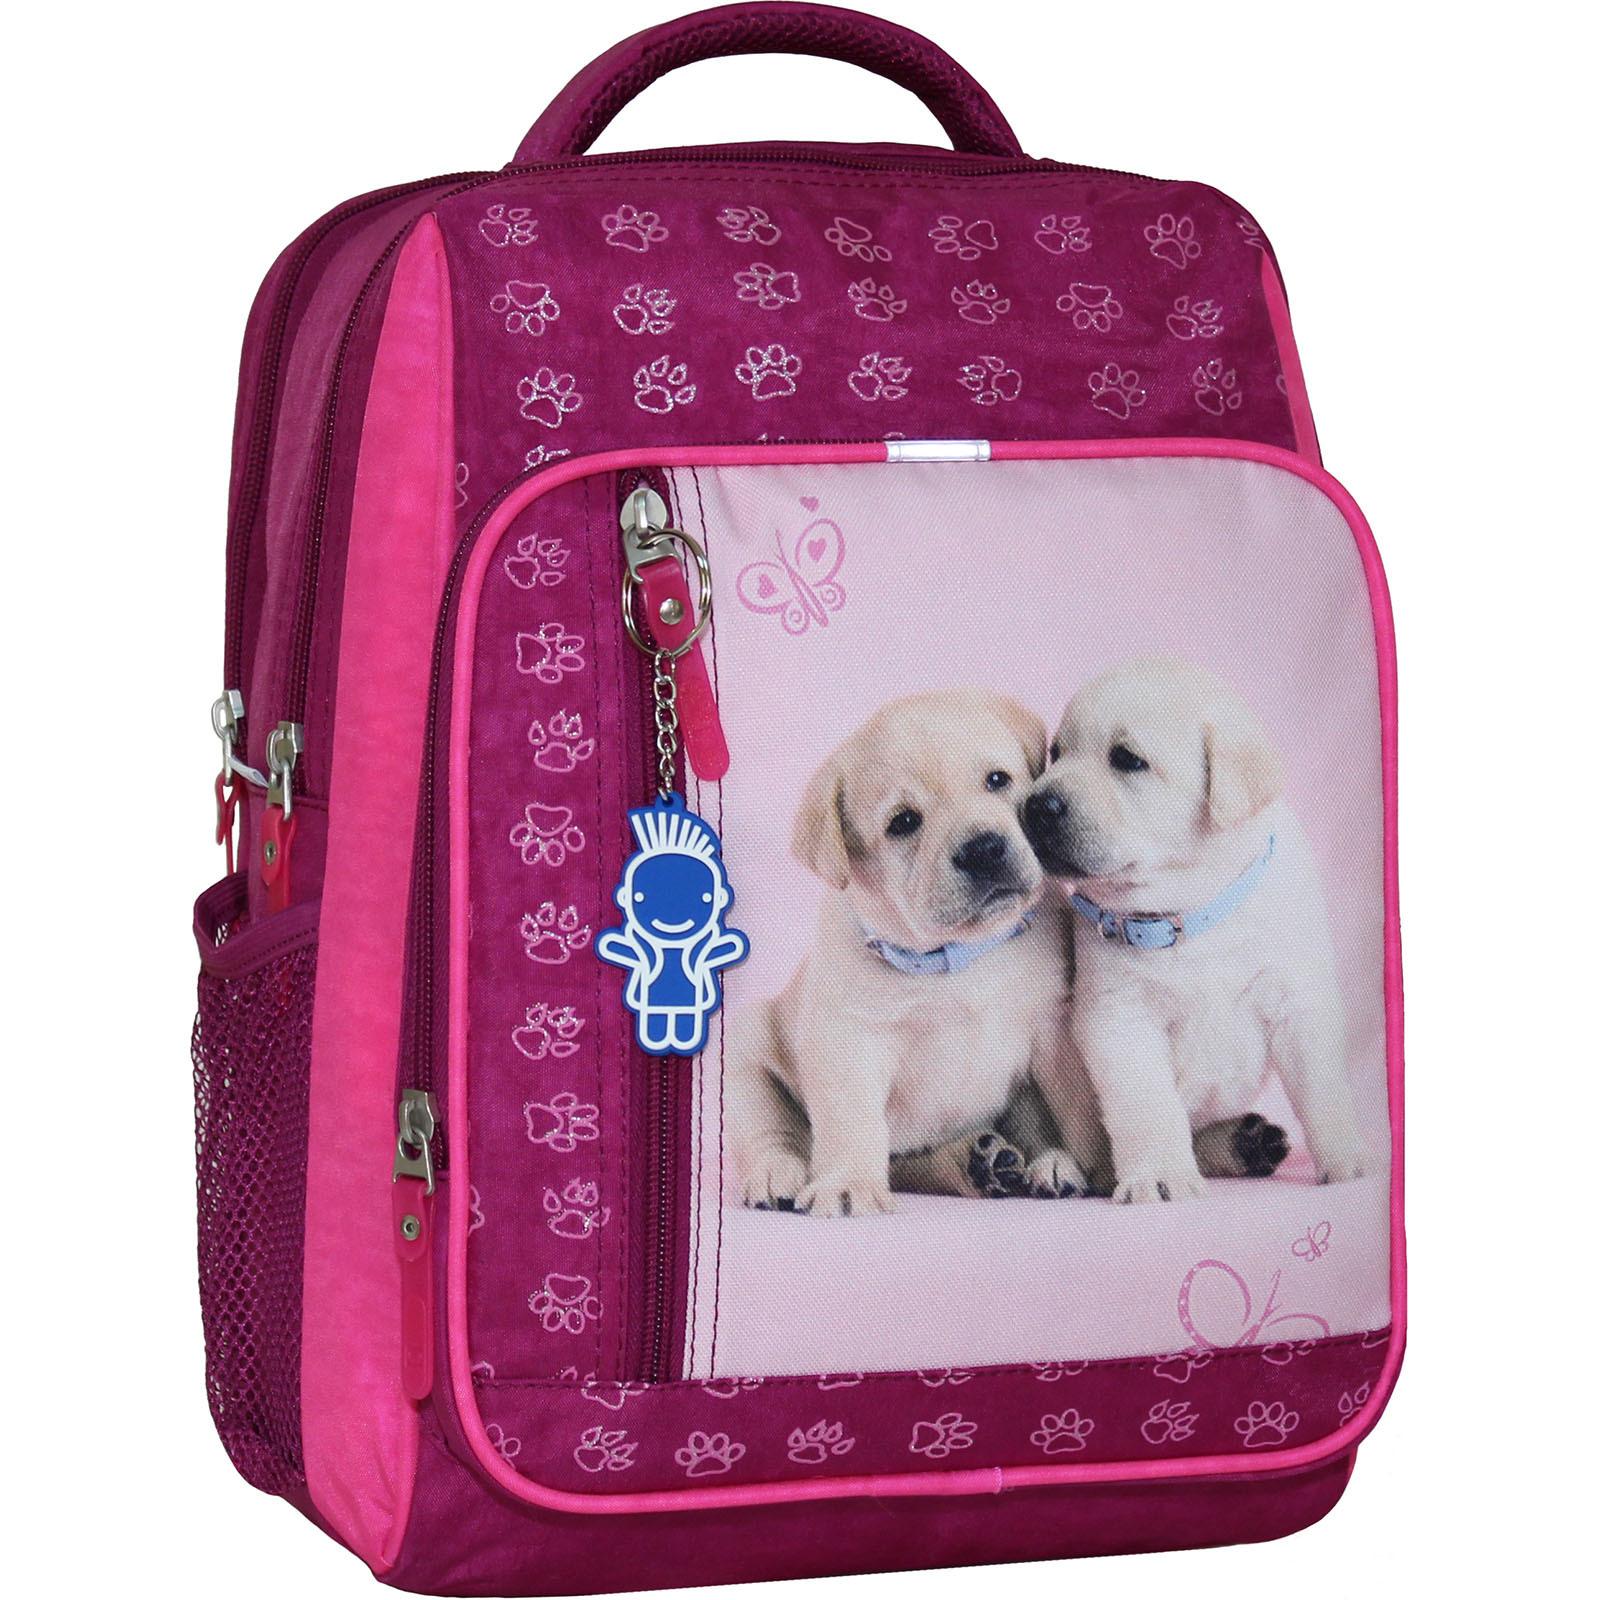 Школьные рюкзаки Рюкзак школьный Bagland Школьник 8 л. 143 малиновый 118д (0012870) IMG_4685.JPG